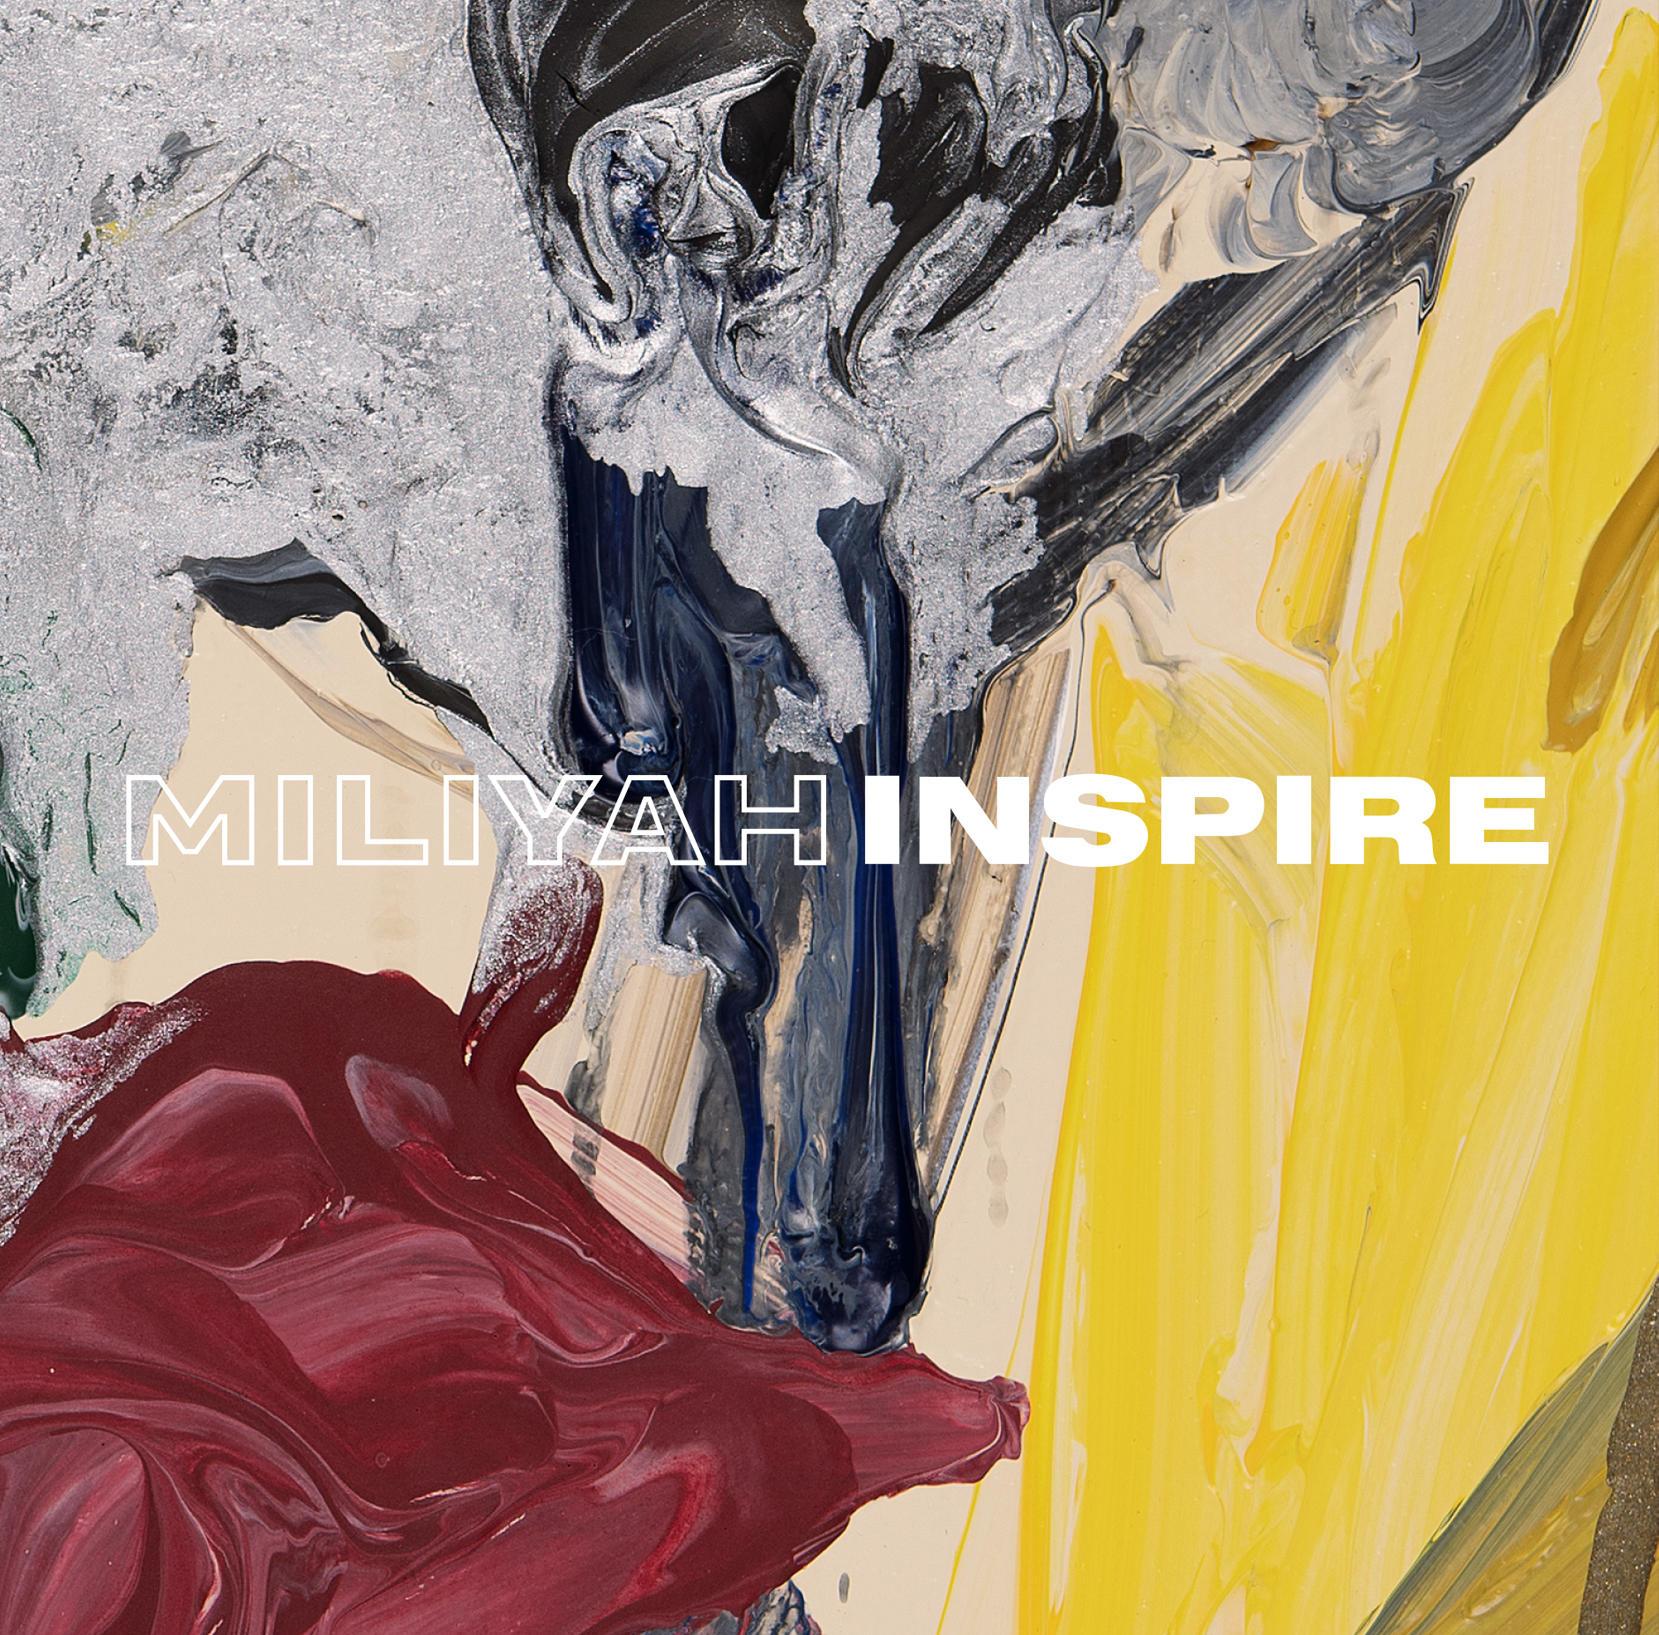 2020.10.28加藤ミリヤ「INSPIRE」通常盤_1枚のみの場合使用はこちら.jpg